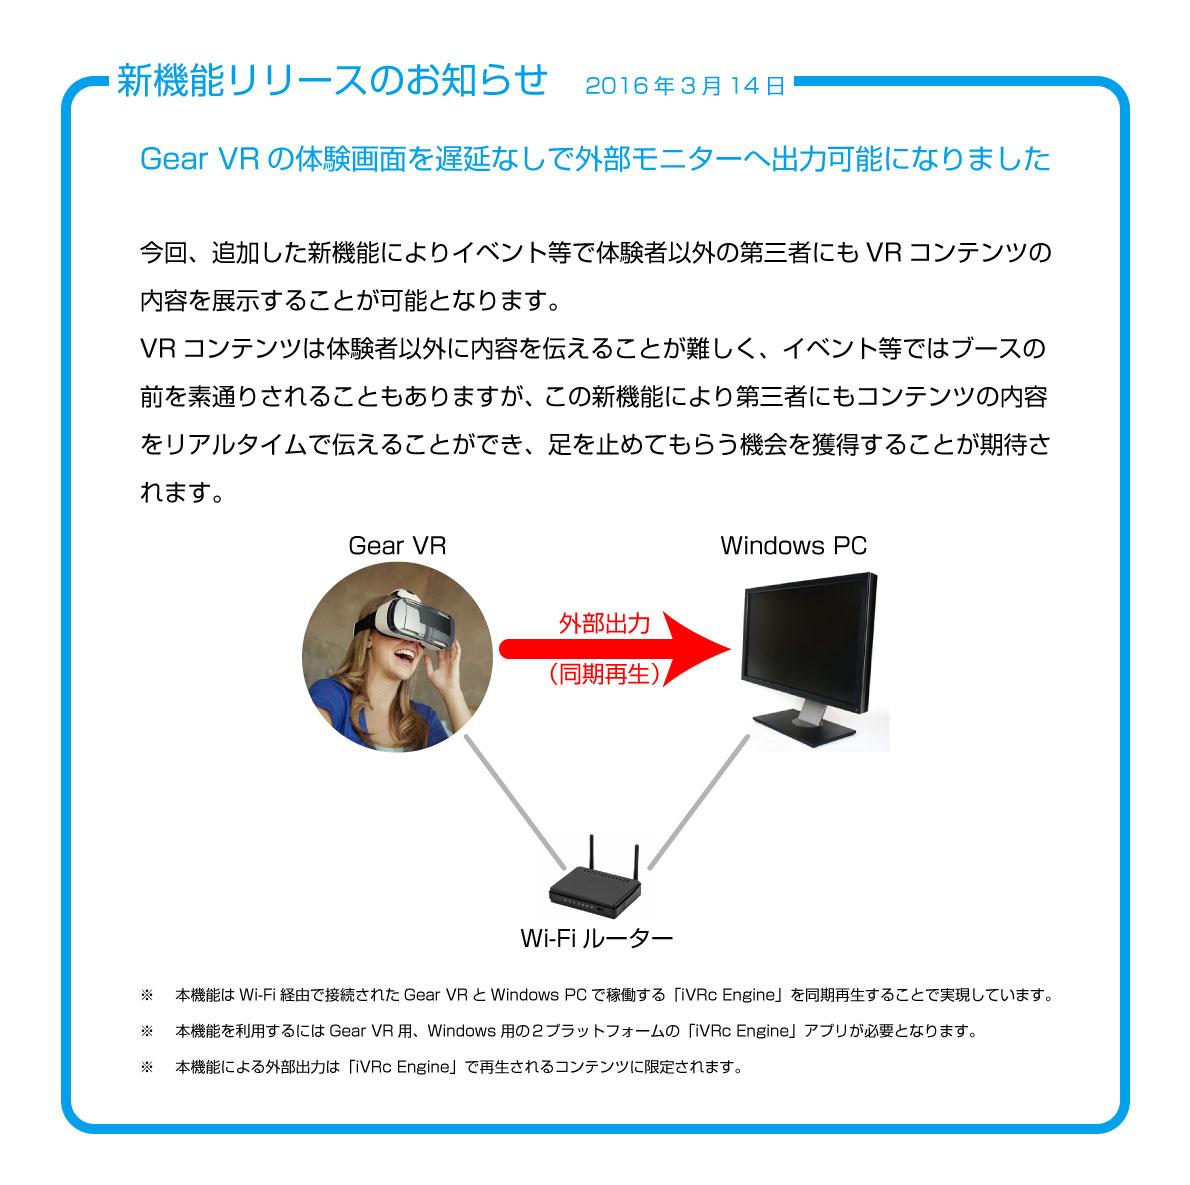 Gear VRの体験画面を遅延なしで外部モニターへ出力可能になりました  今回、追加した新機能によりイベント等で体験者以外の第三者にもVRコンテンツの内容を展示することが可能となります。 VRコンテンツは体験者以外に内容を伝えることが難しく、イベント等ではブースの前を素通りされることもありますが、 この新機能により第三者にもコンテンツの内容をリアルタイムで伝えることができ、足を止めてもらう機会を獲得することが期待されます。